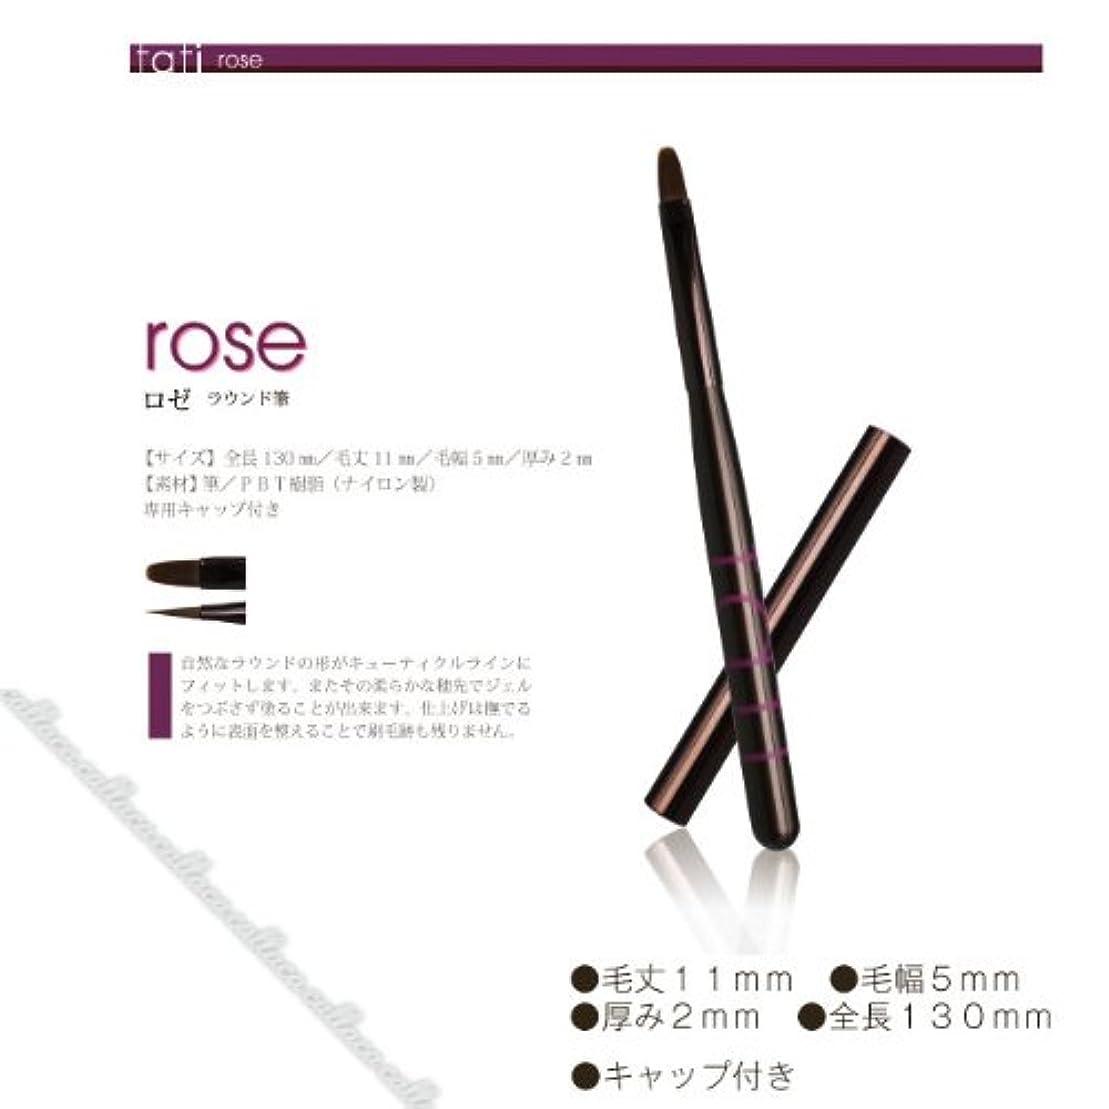 米ドルバウンス一般的なtati ジェル ブラシアートショコラ rose (ロゼ)